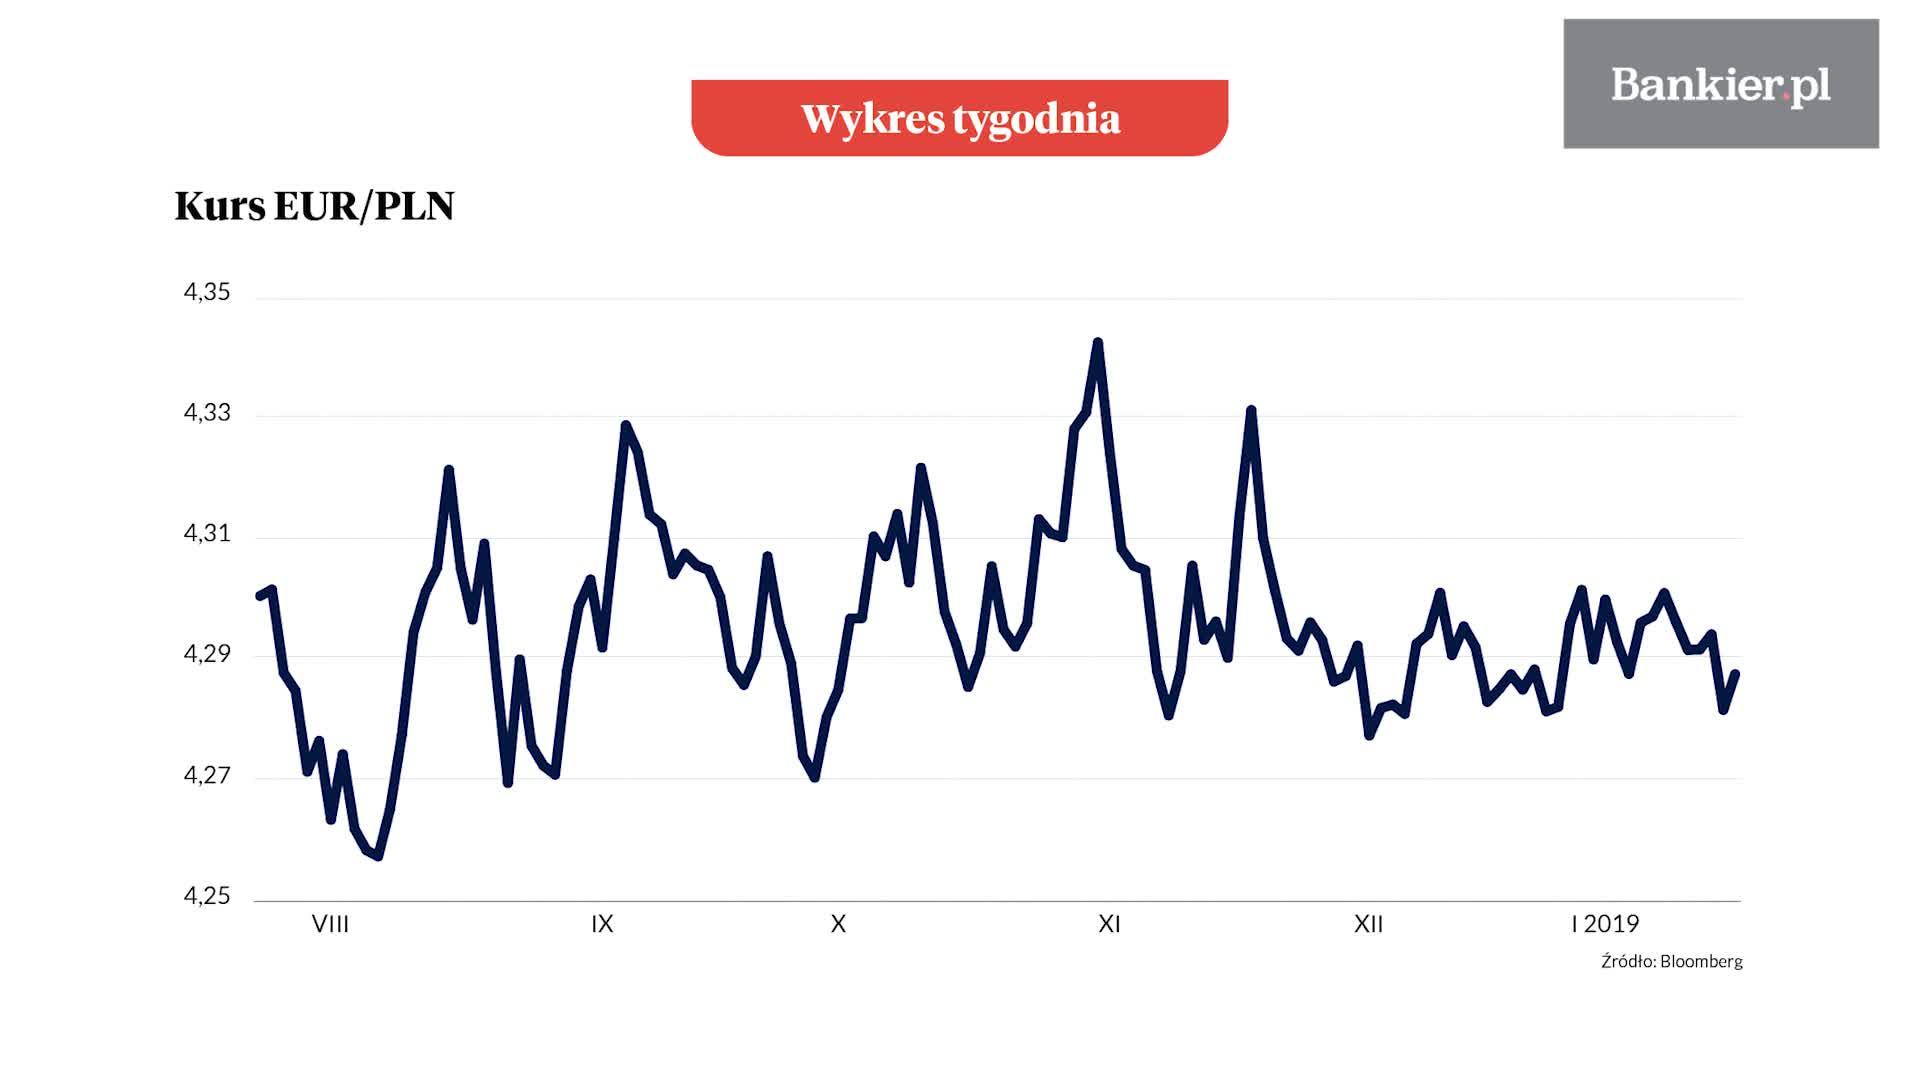 Wykres tygodnia: Pół roku walutowej flauty